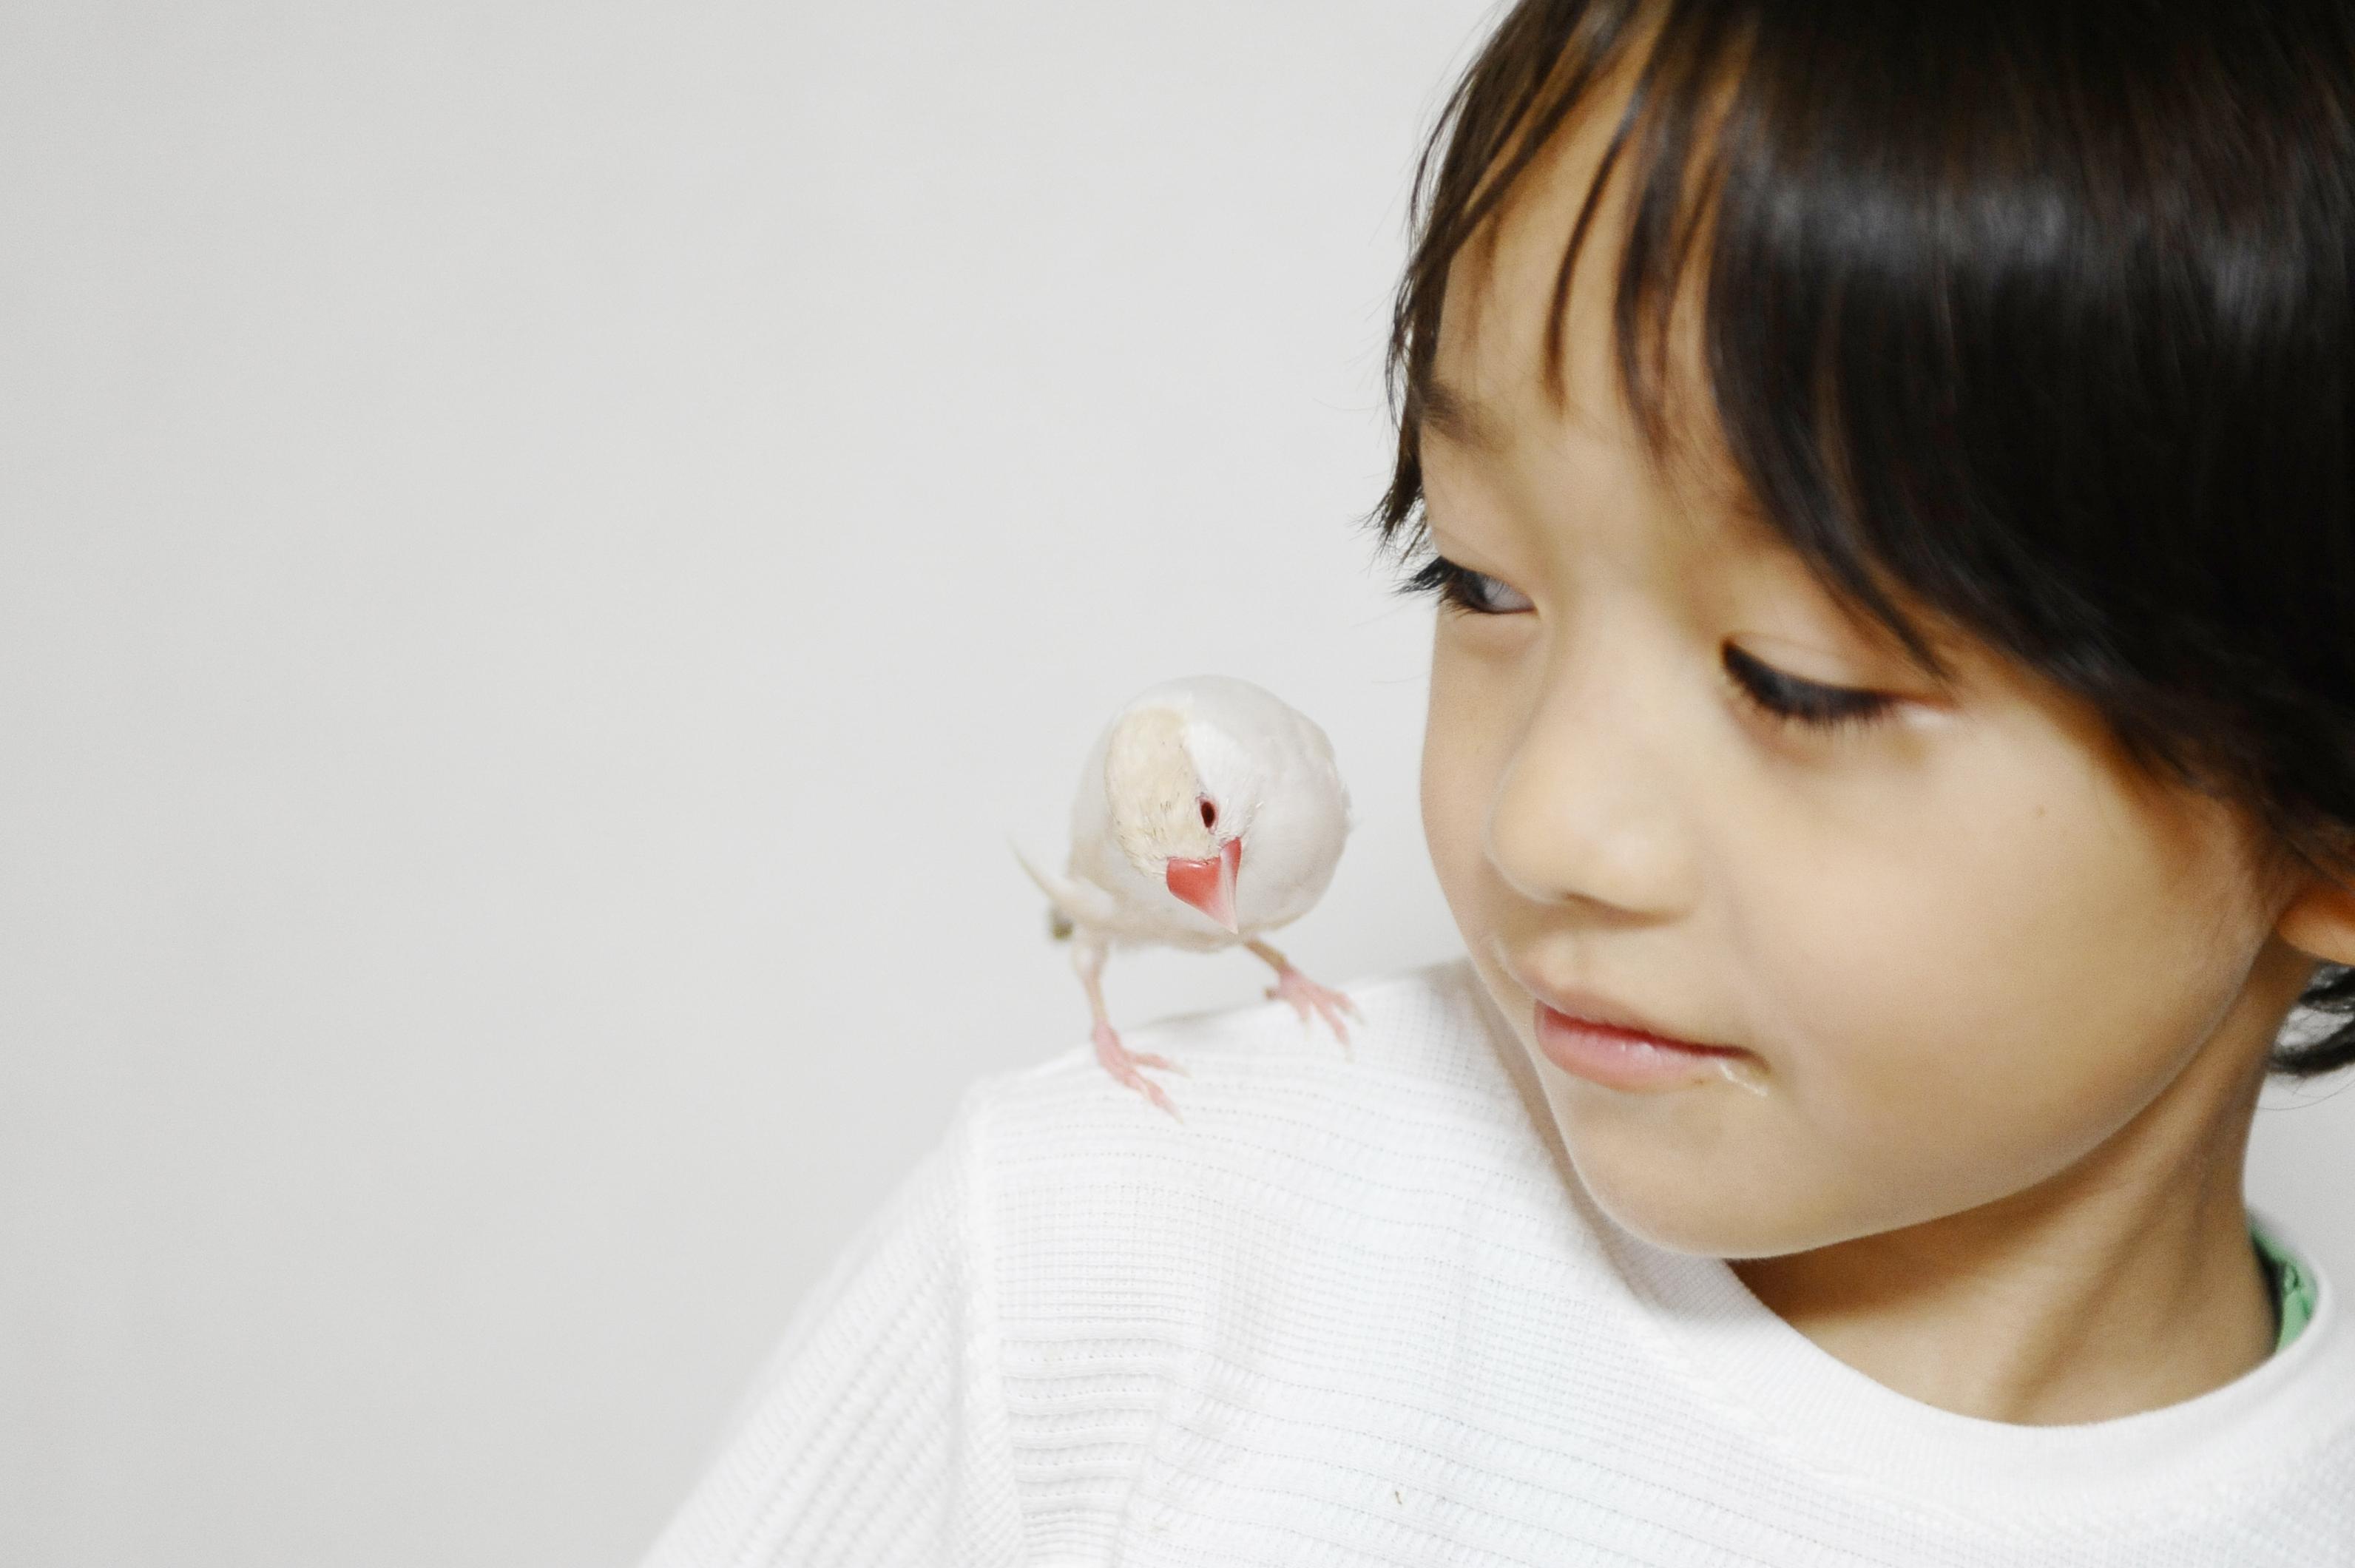 文鳥と子供